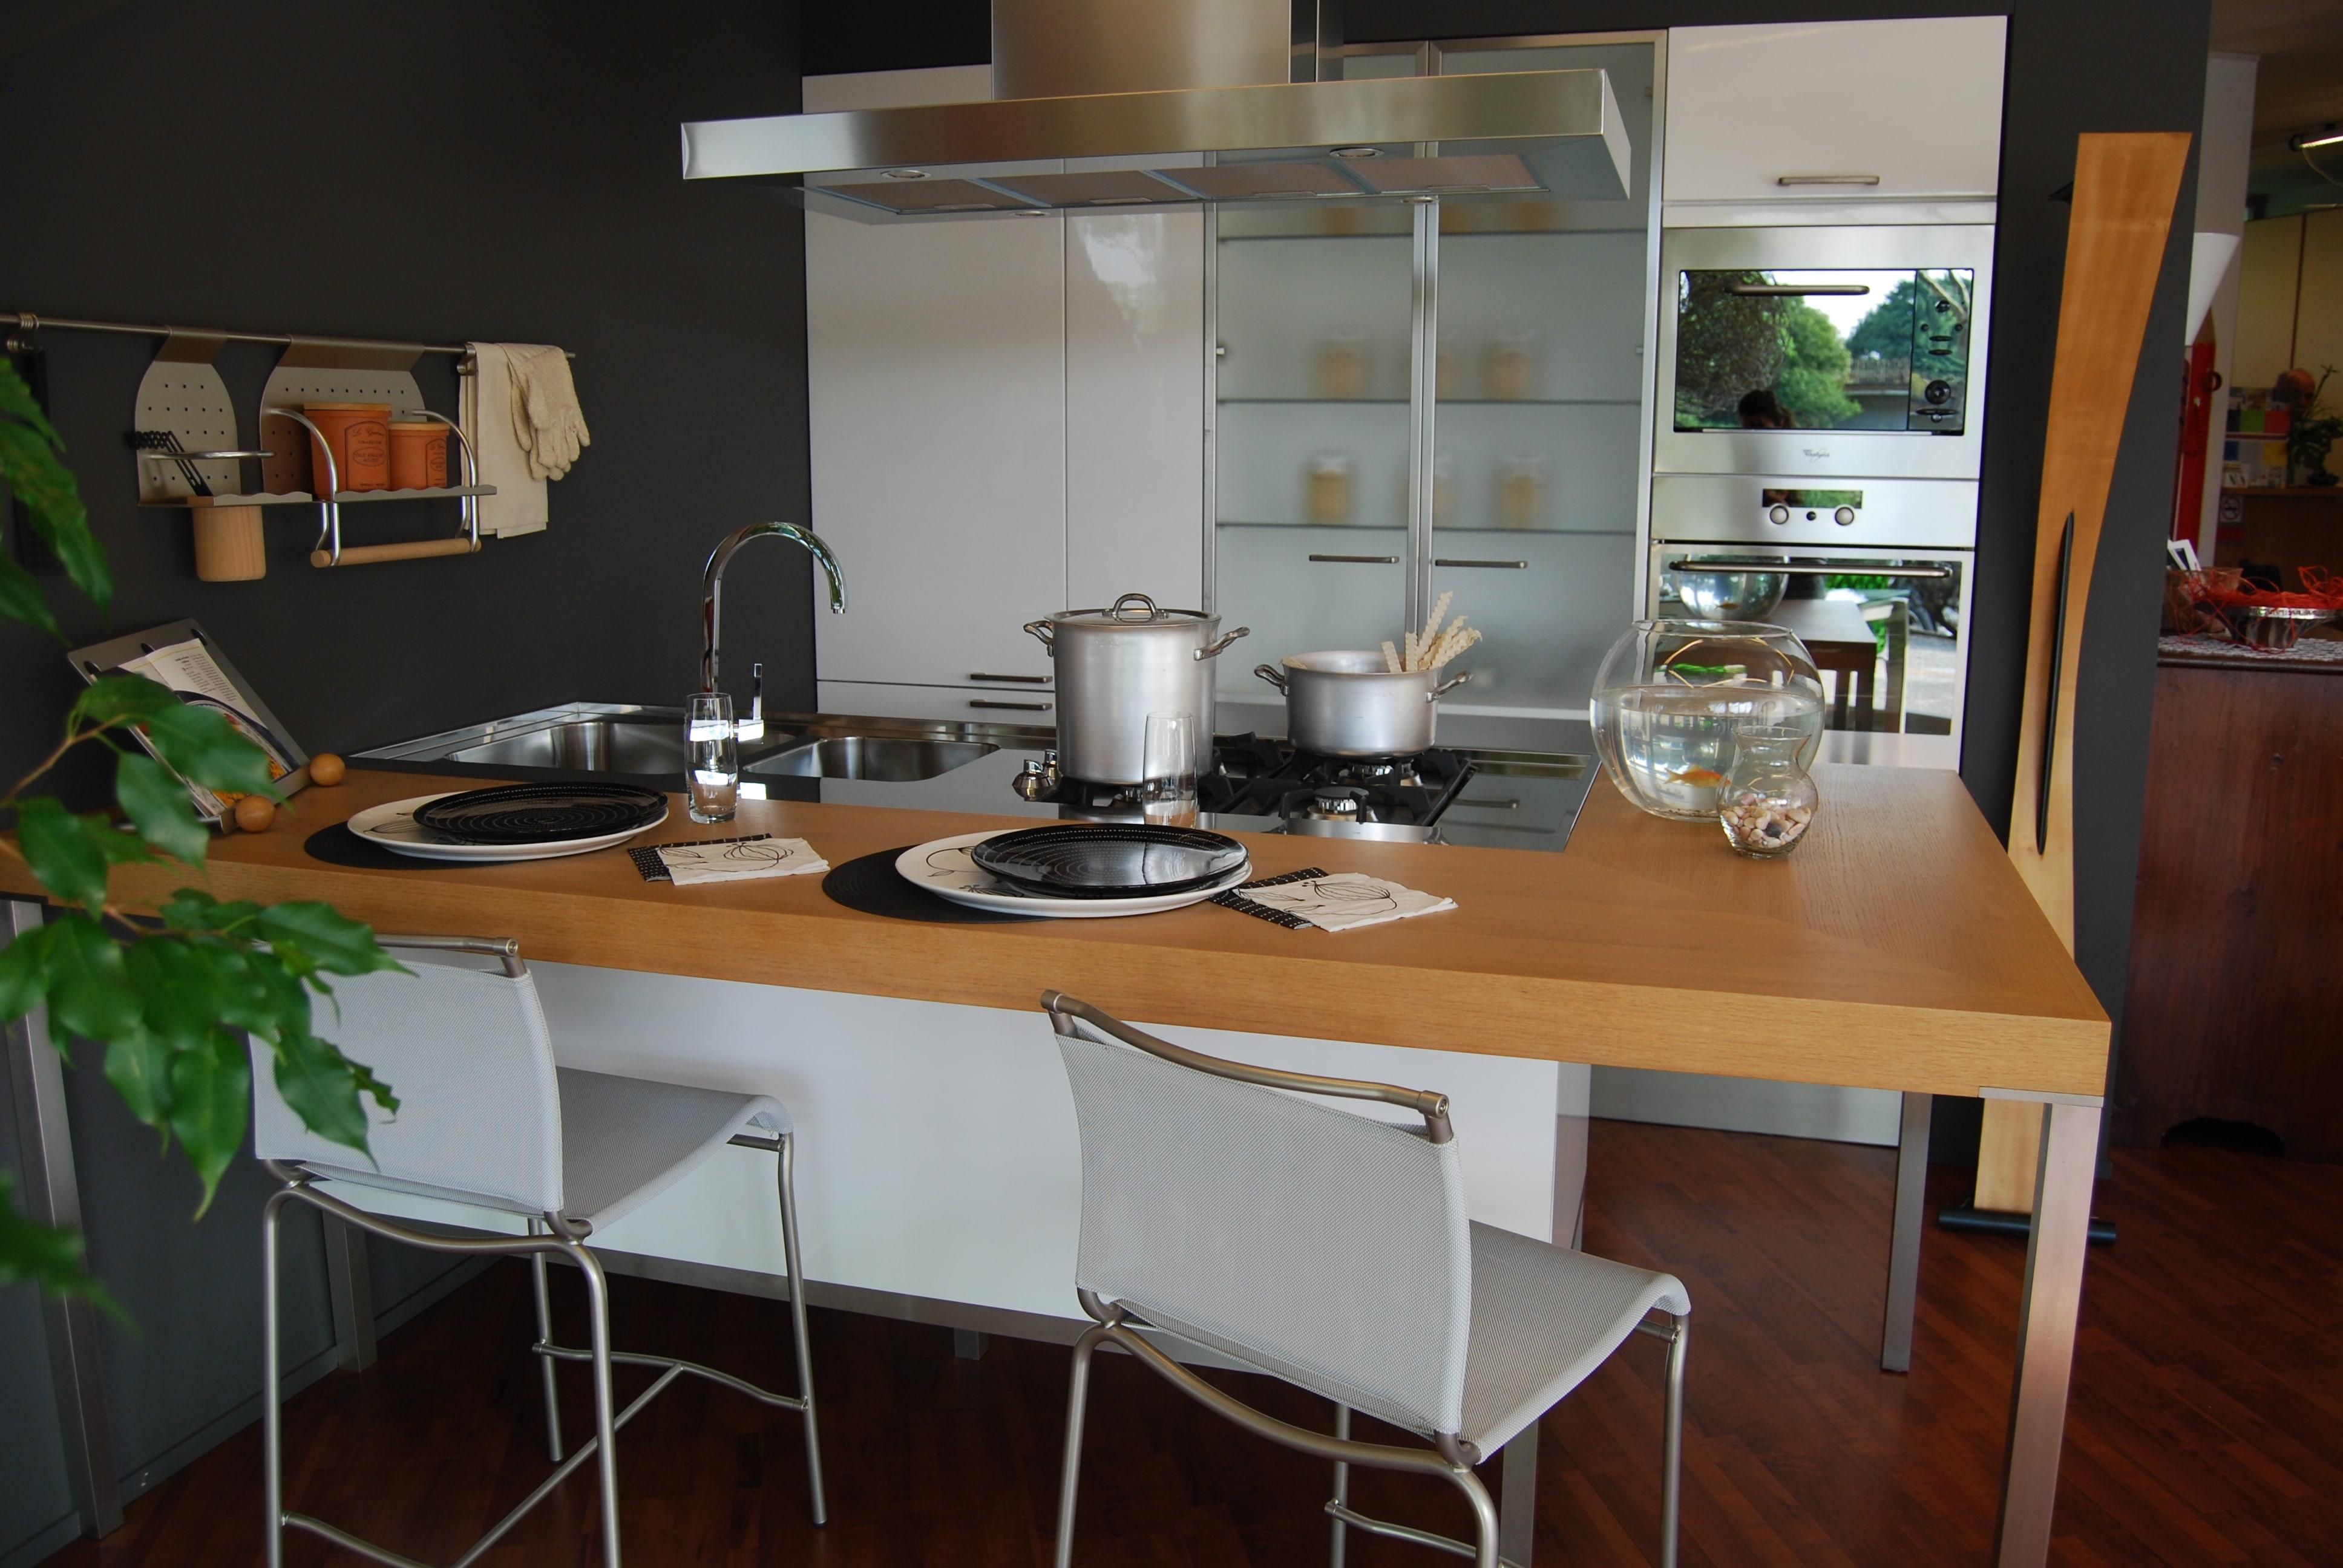 Cucina modulnova scontata del 60 con penisola cucine a prezzi scontati - Modulnova cucine prezzi ...